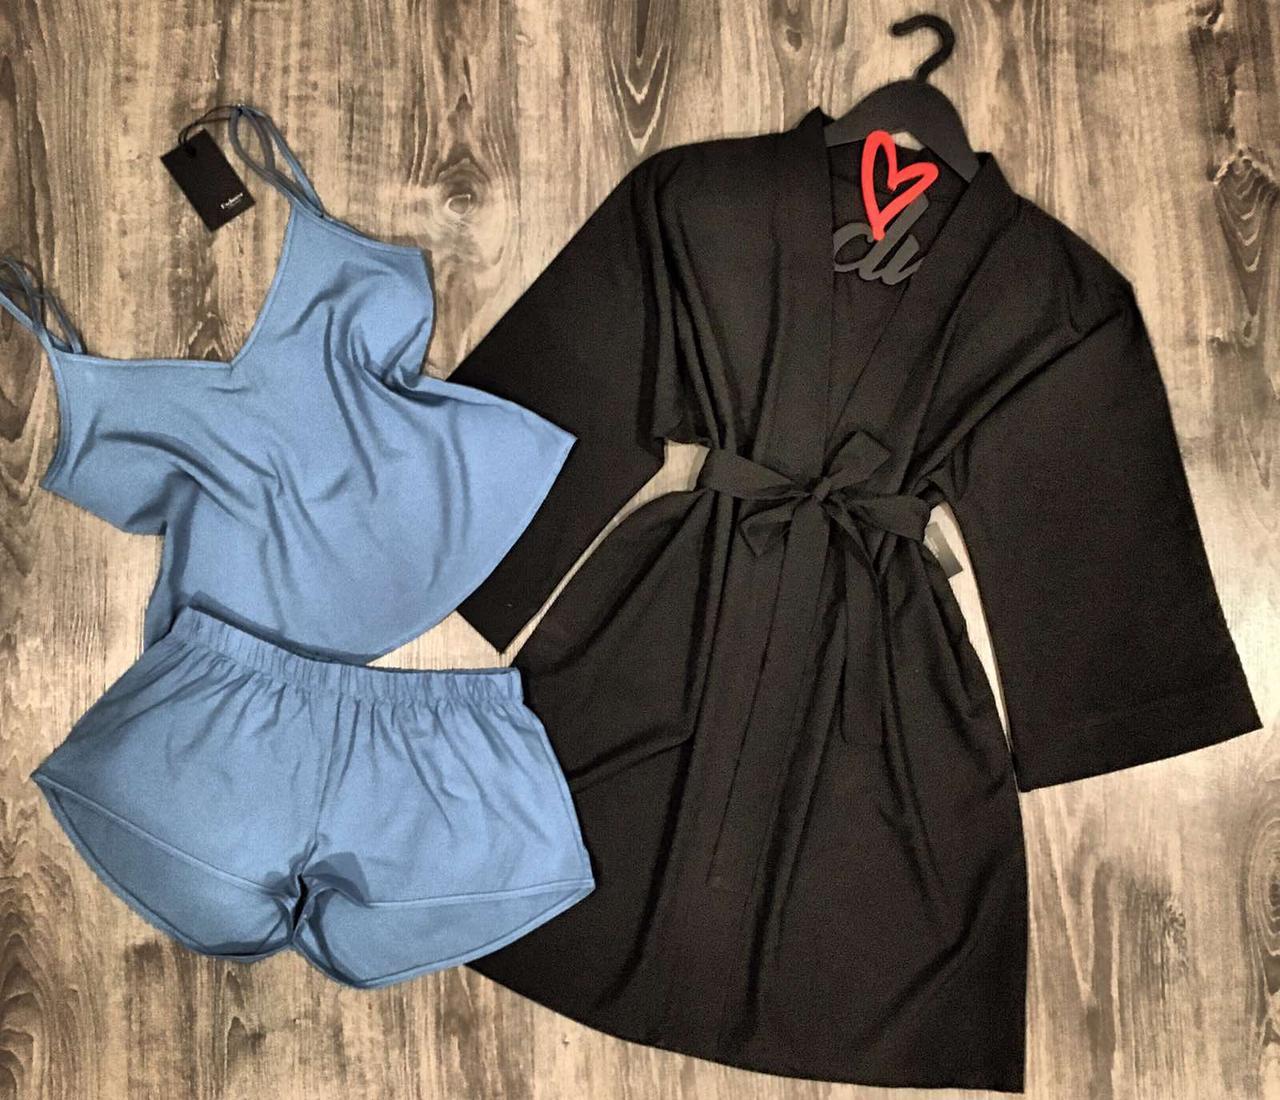 Халат +  Майка с V-образным вырезом + шорты. Комплект из ткани софт.